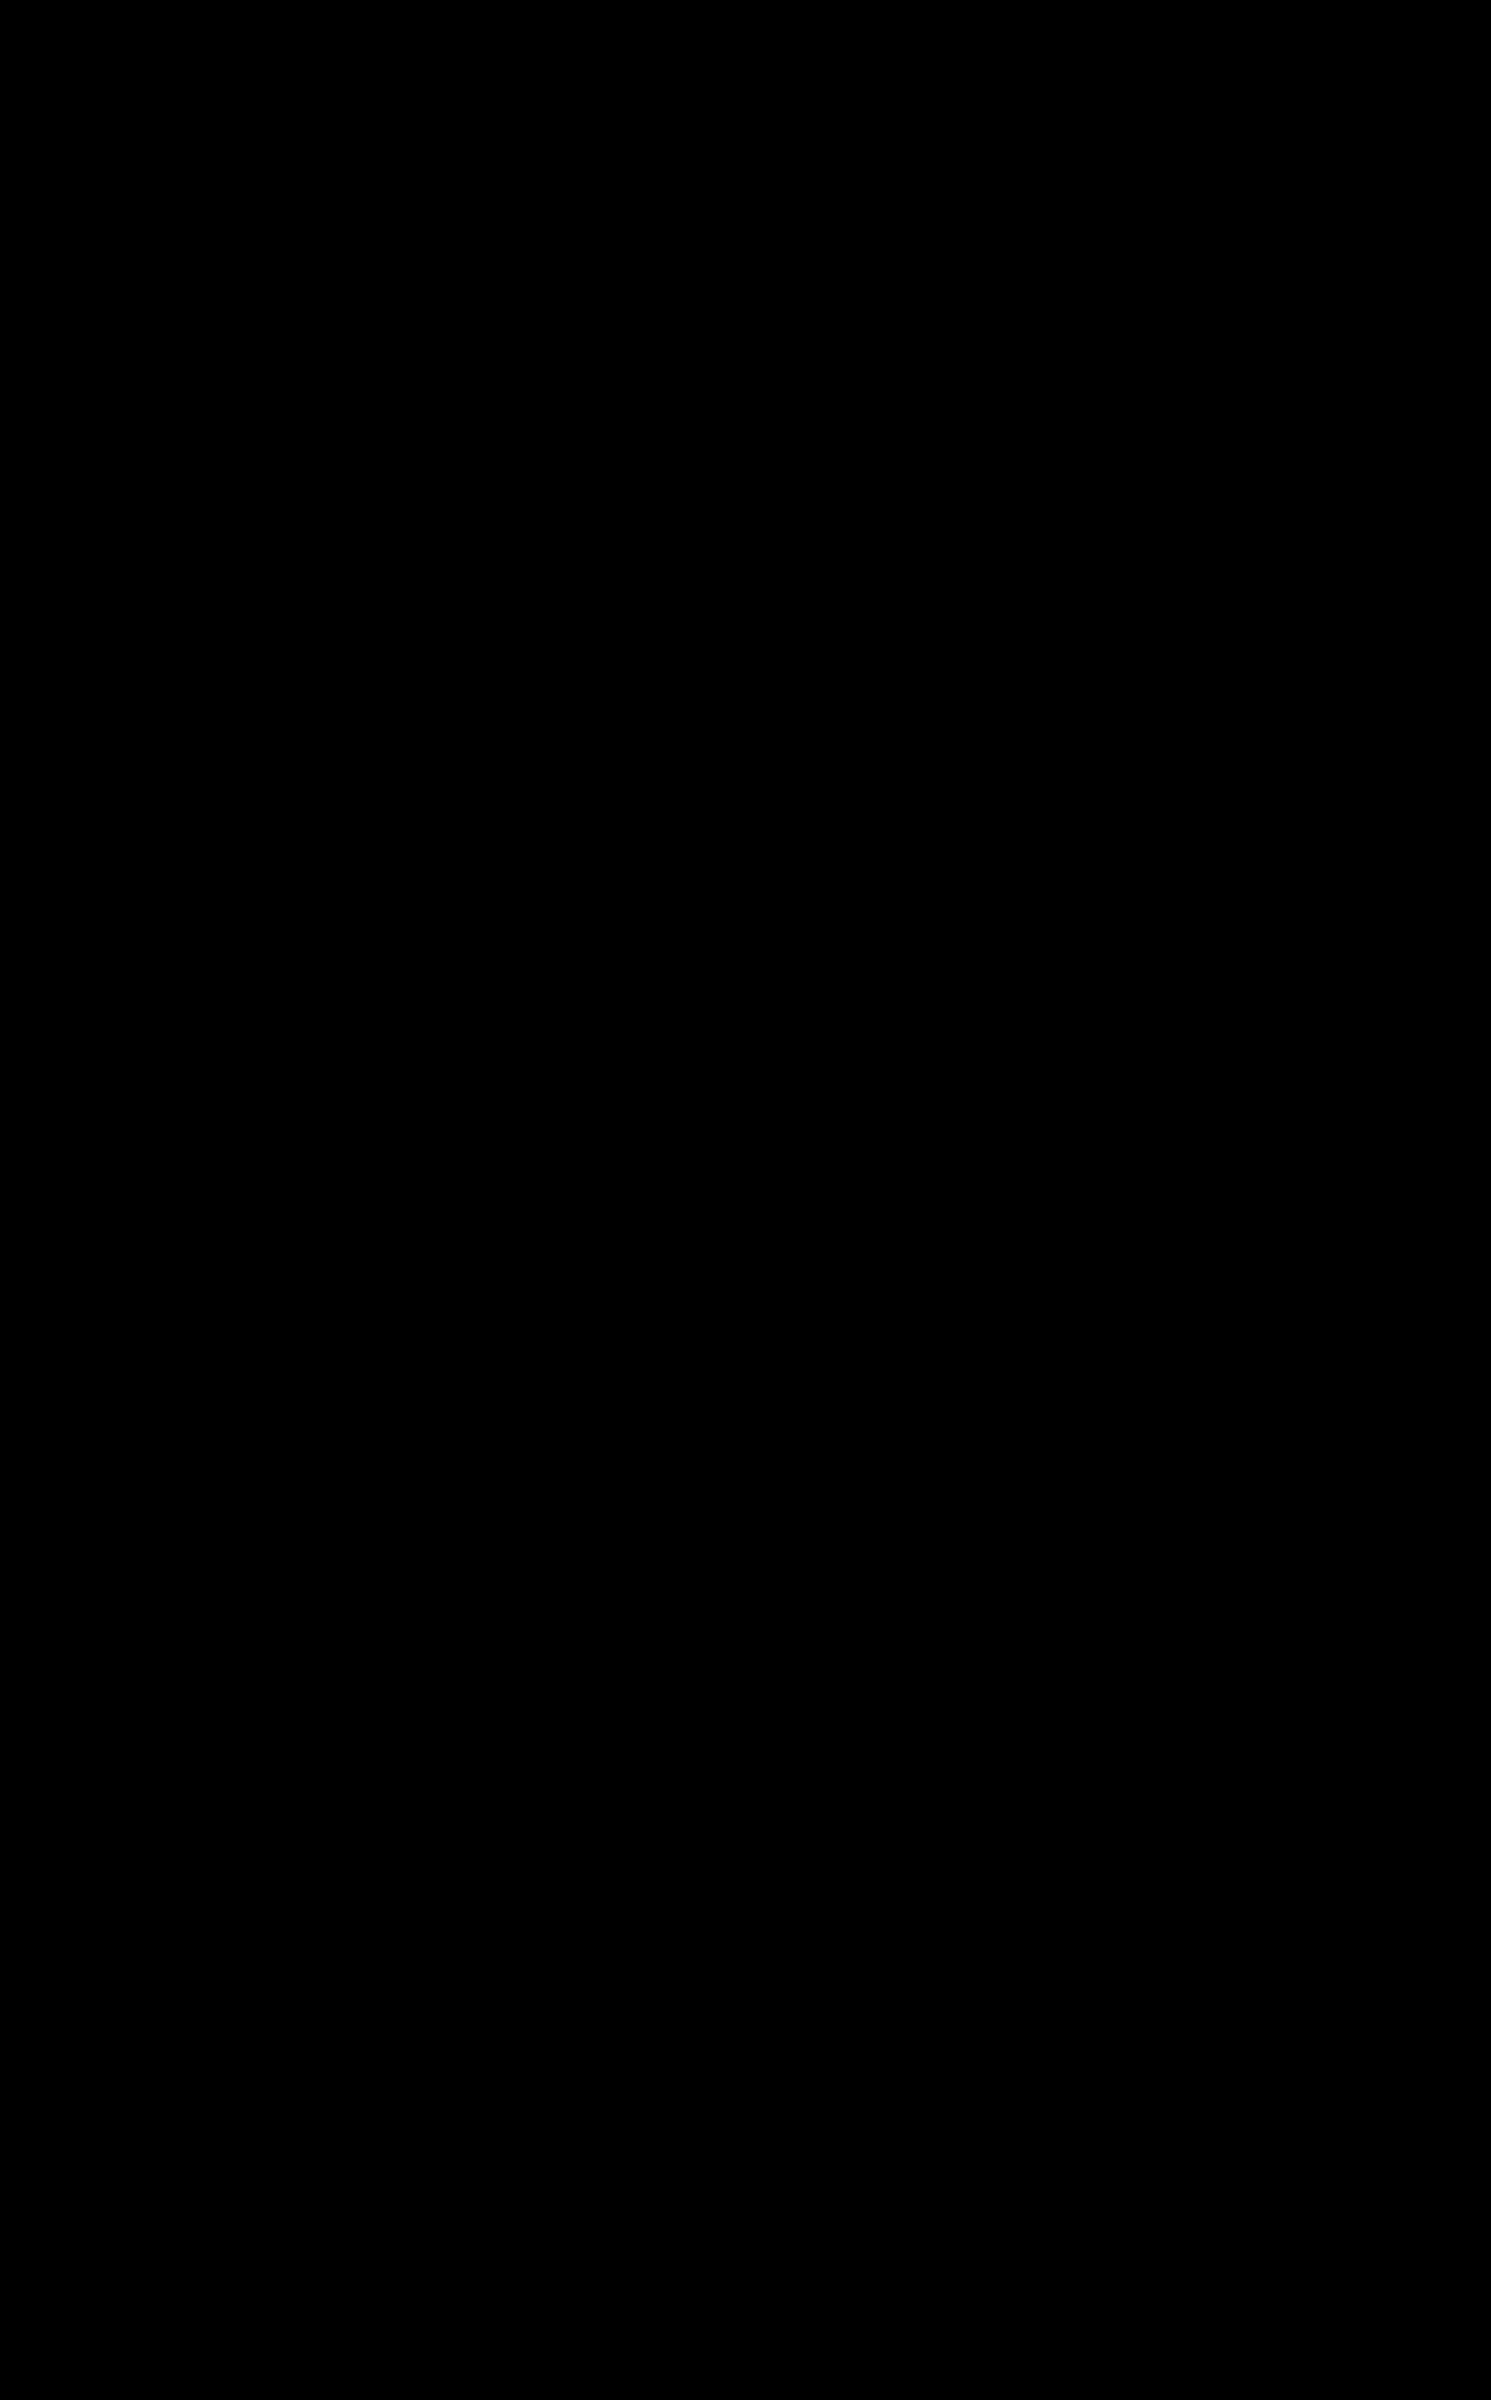 Скрипичный ключ из бумаги